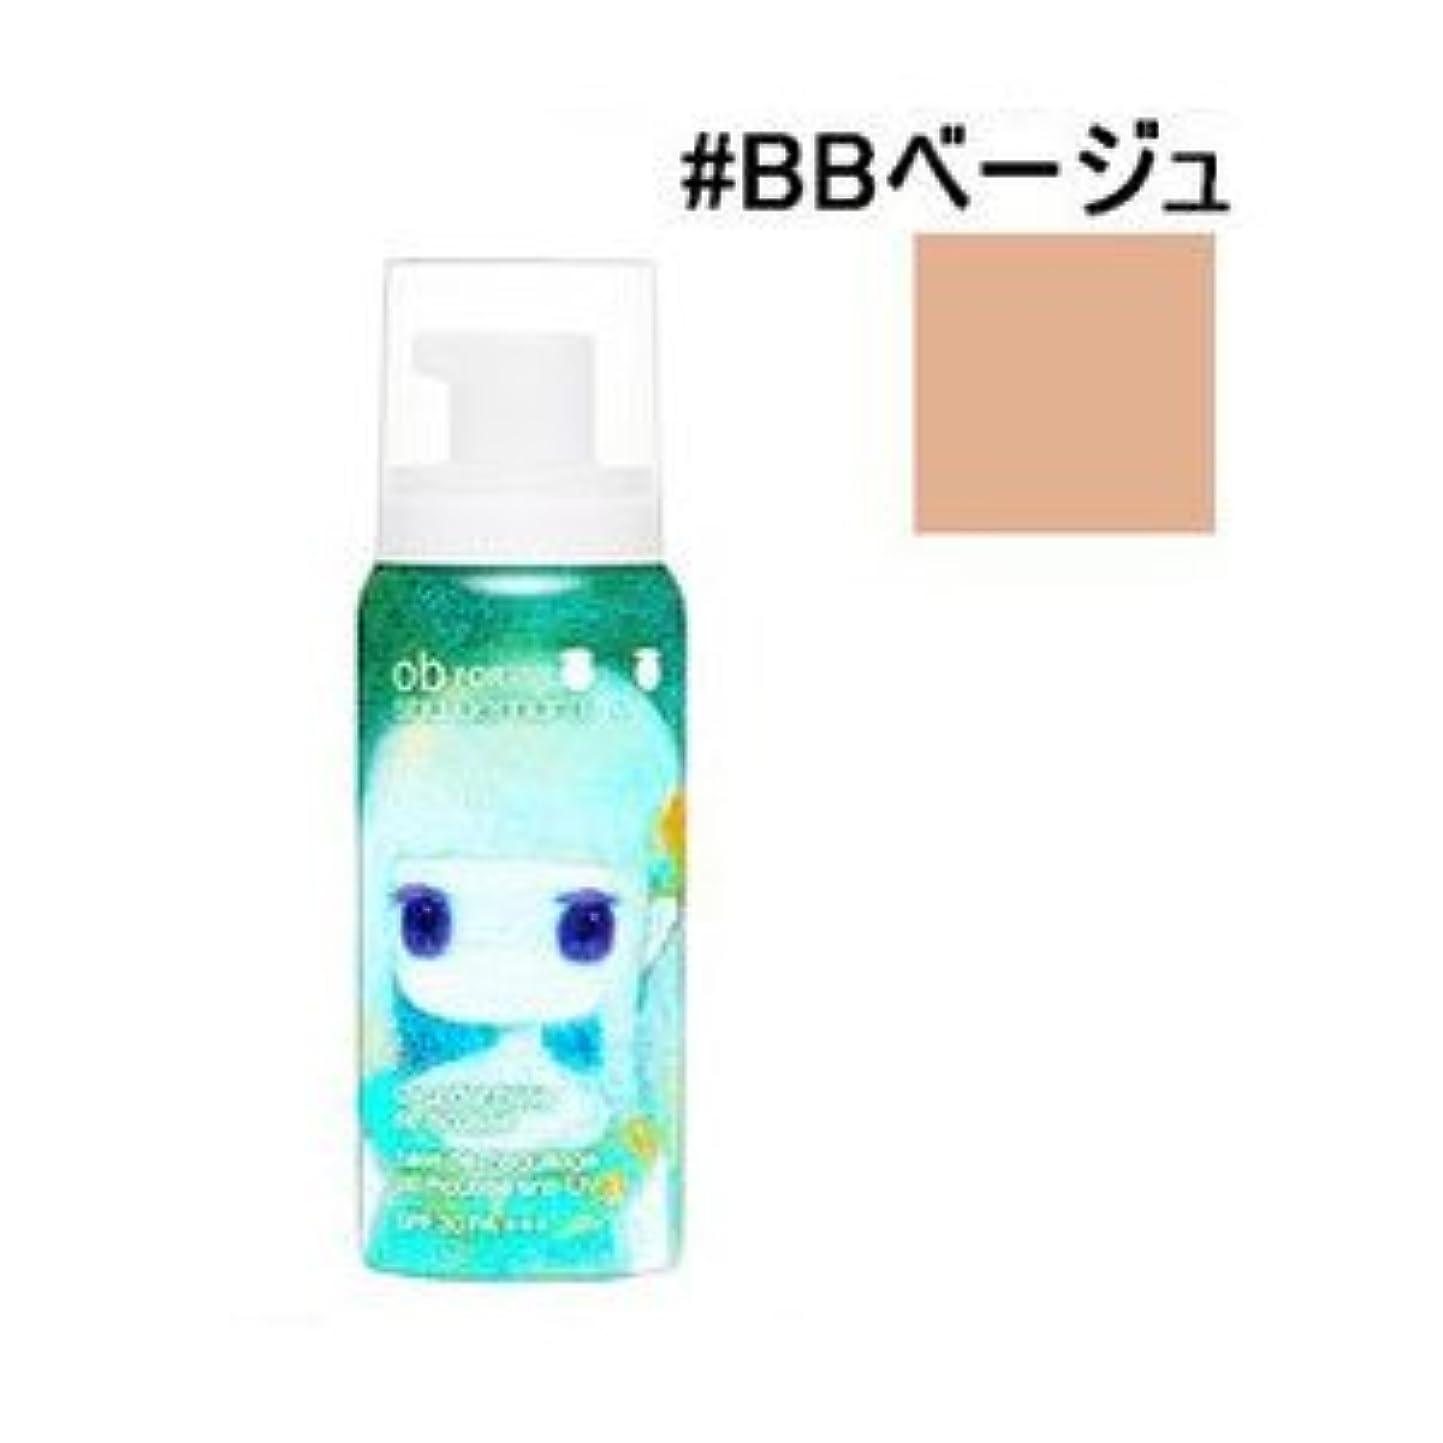 法律委任二週間shu uemura シュウ ウエムラ<br>UV アンダー ベース ムース #BB beige<br>SPF 30 ? PA+++<br>65g [並行輸入品]